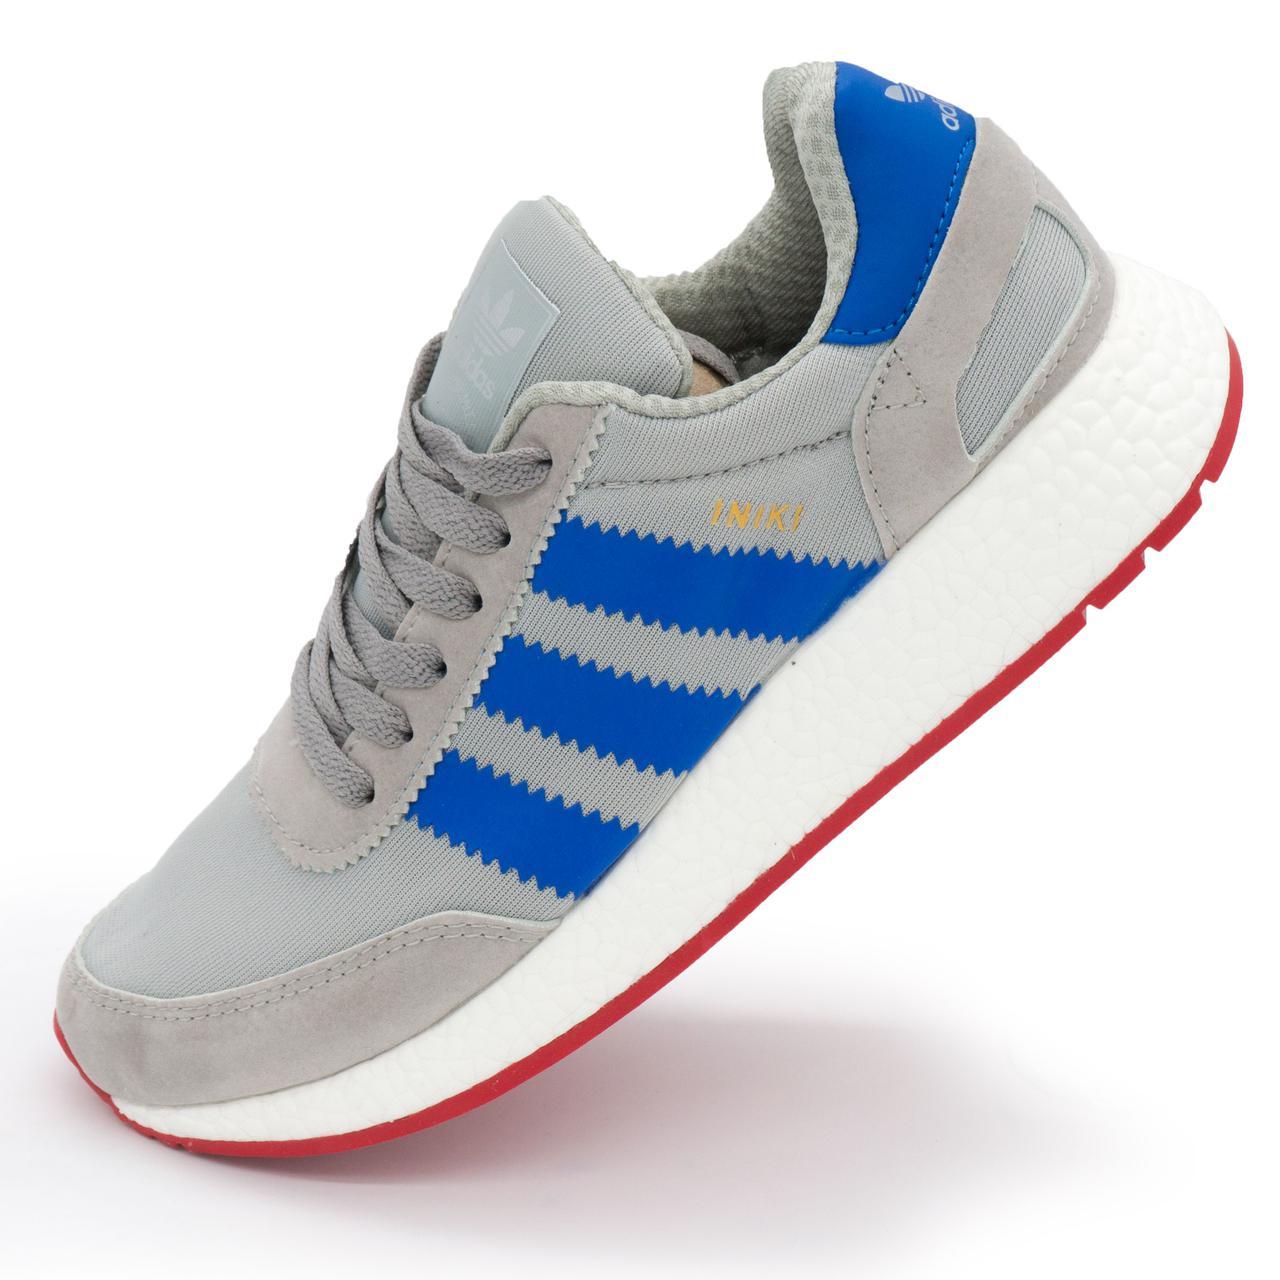 6a32b4d5 Кроссовки для Бега Adidas Iniki Runner Серые с Синим Р.(40) — в ...